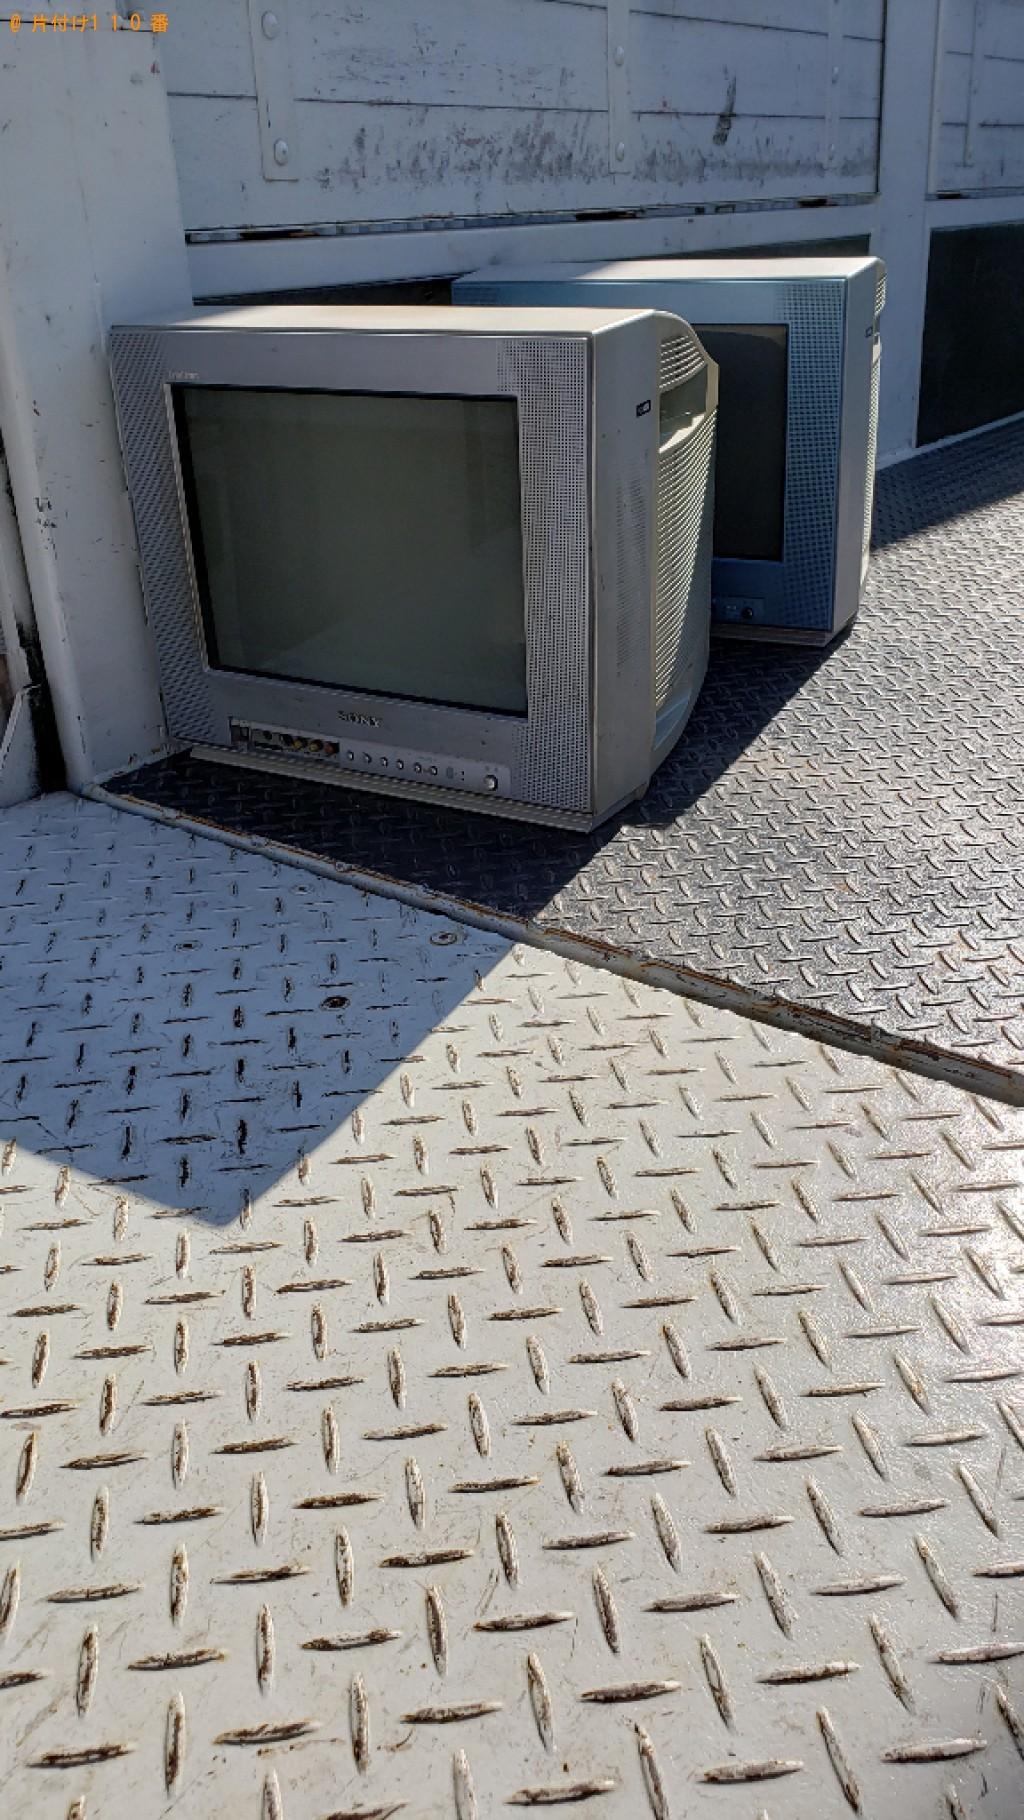 【練馬区】テレビの回収・処分ご依頼 お客様の声